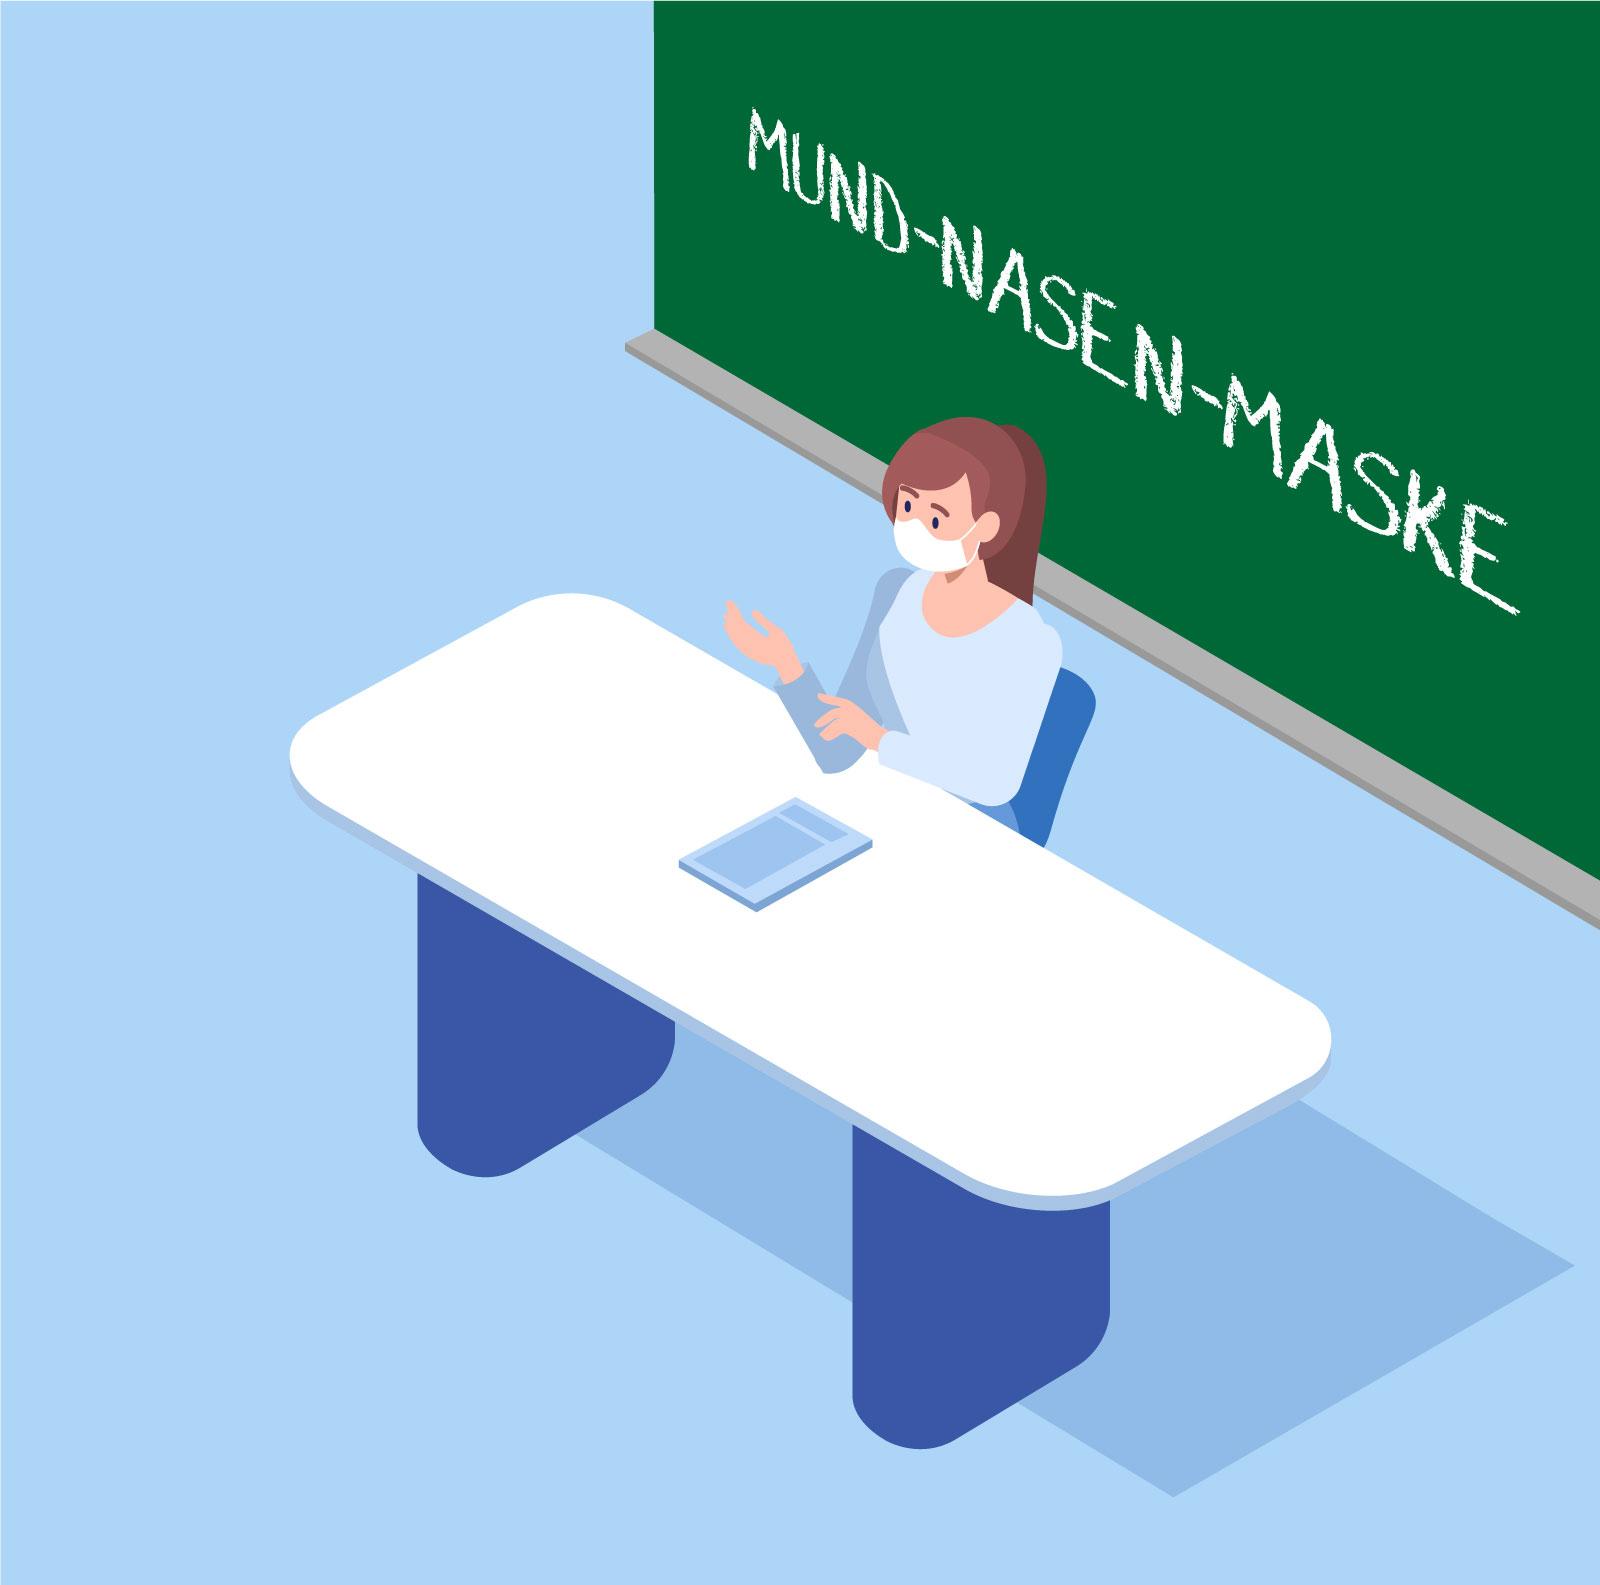 Spuckschutz Lehrer Maske